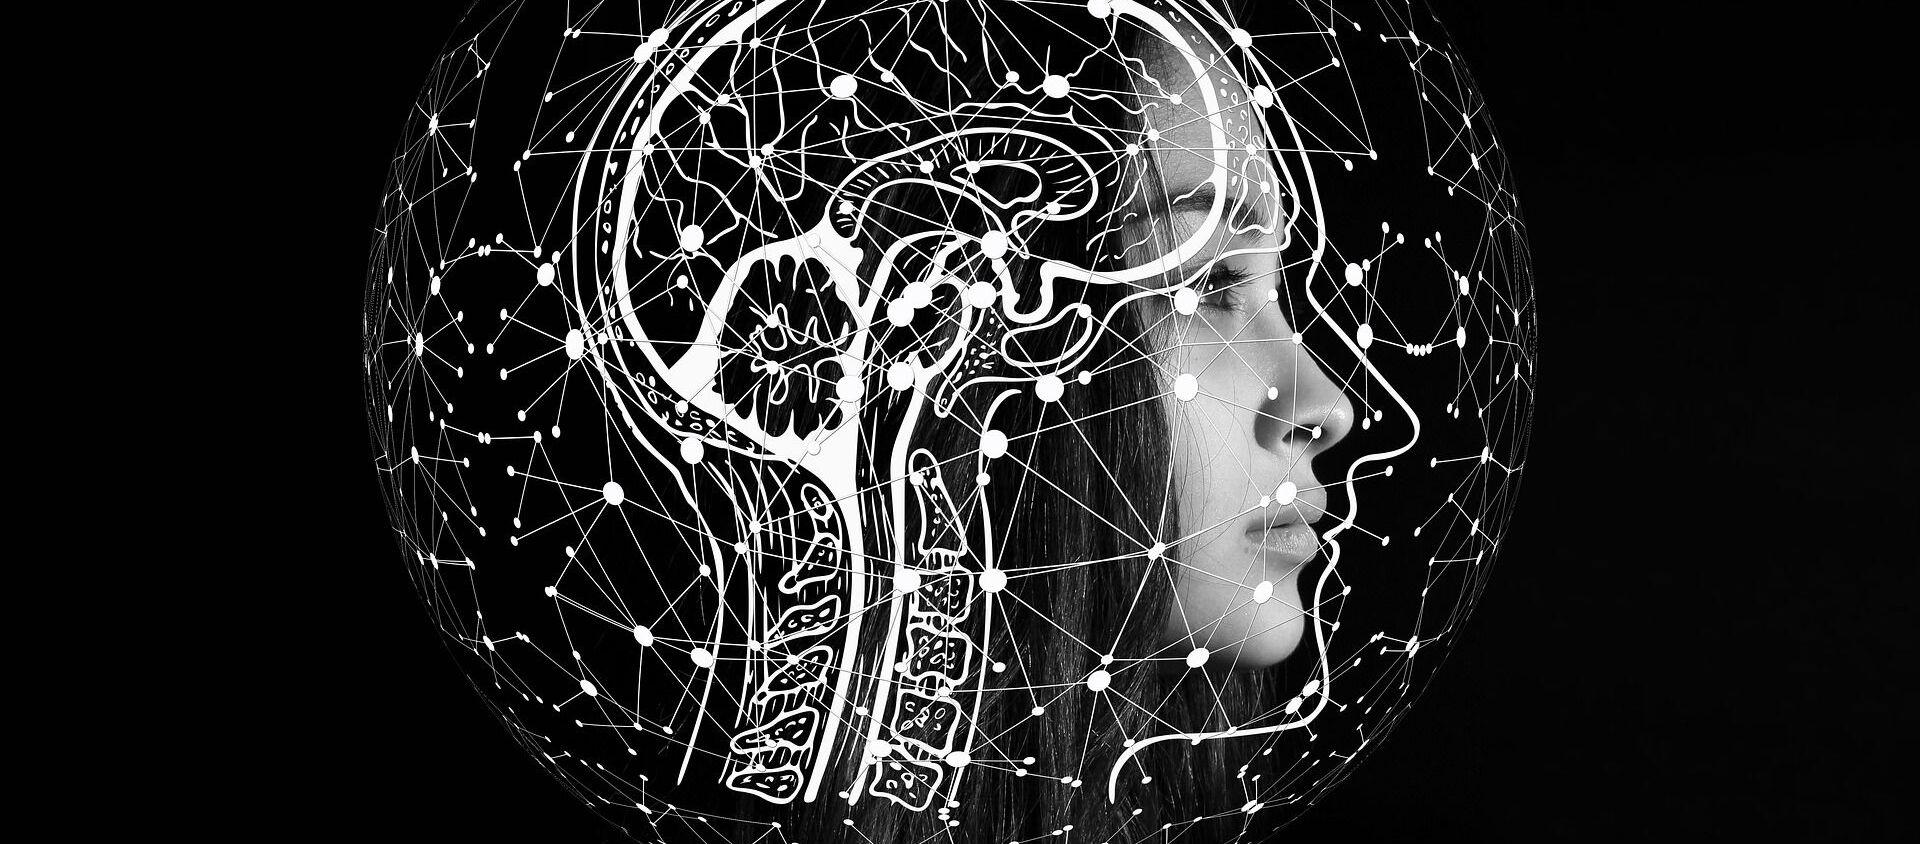 Un cerebro - Sputnik Mundo, 1920, 09.02.2021